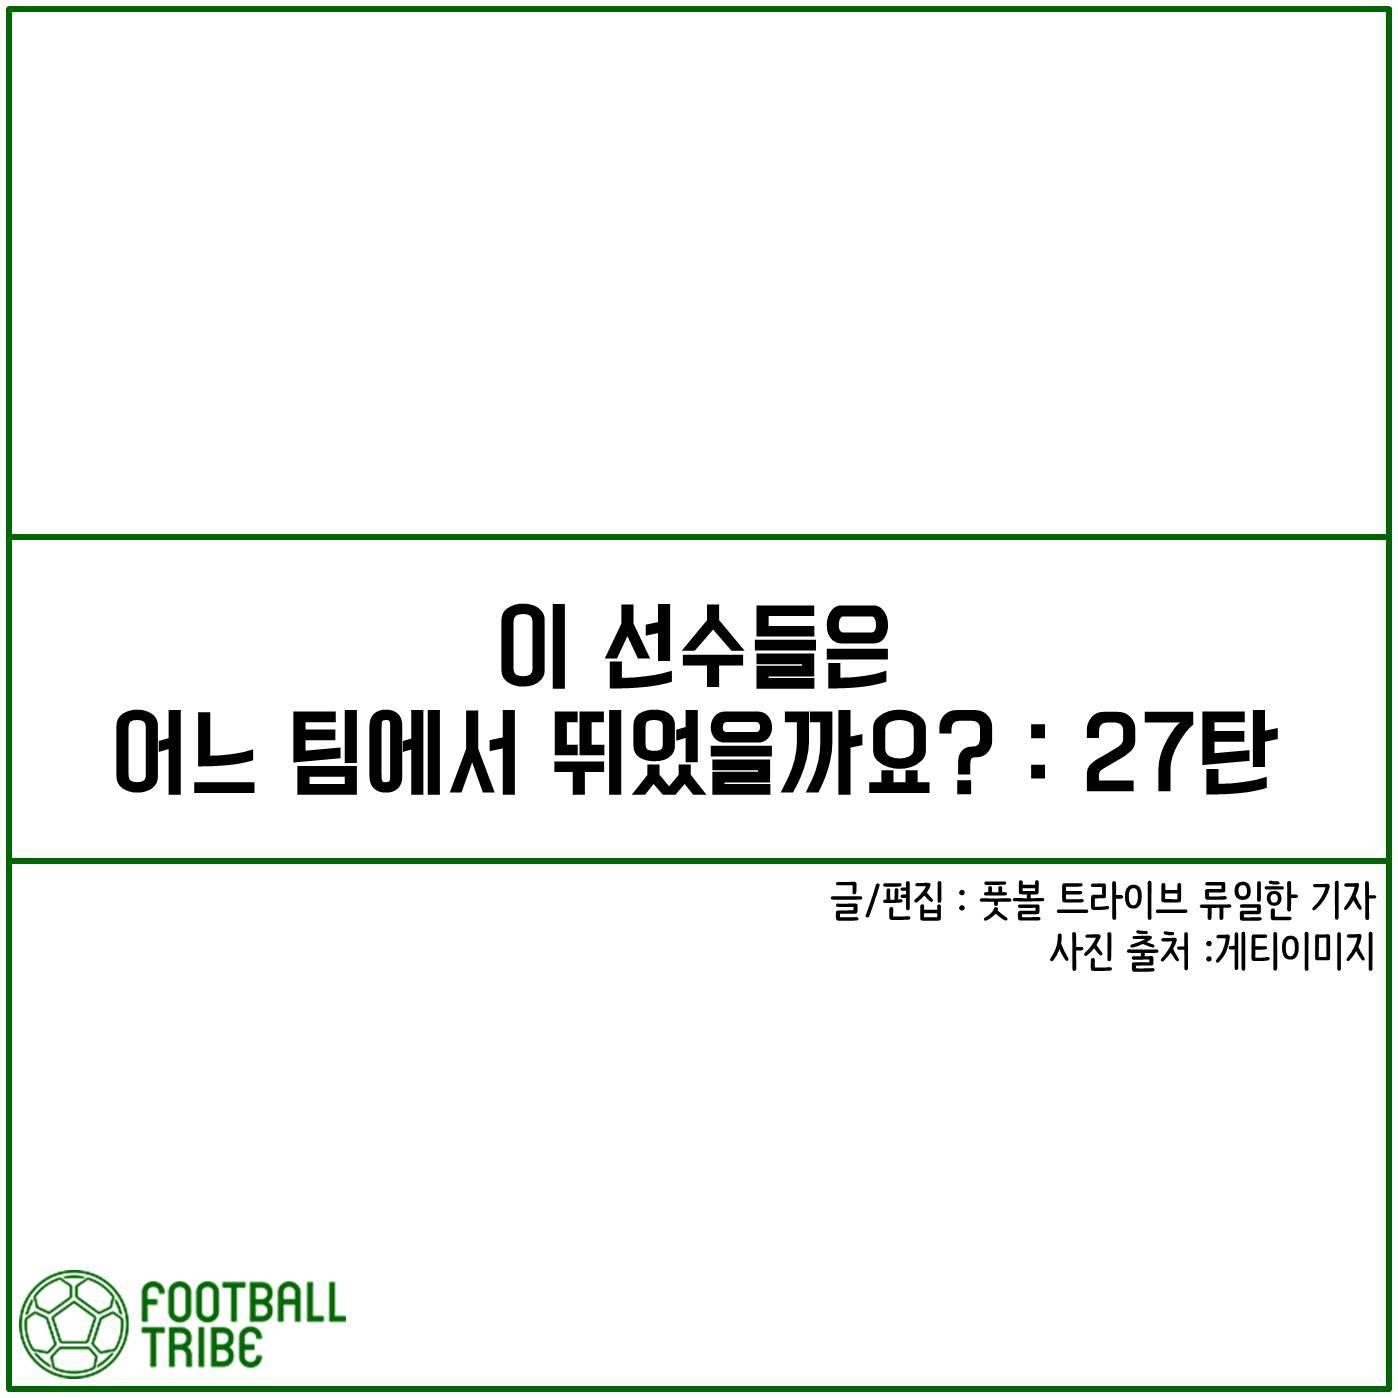 [카드 뉴스] 이 선수들은 어느 팀에서 뛰었을까요?: 27탄